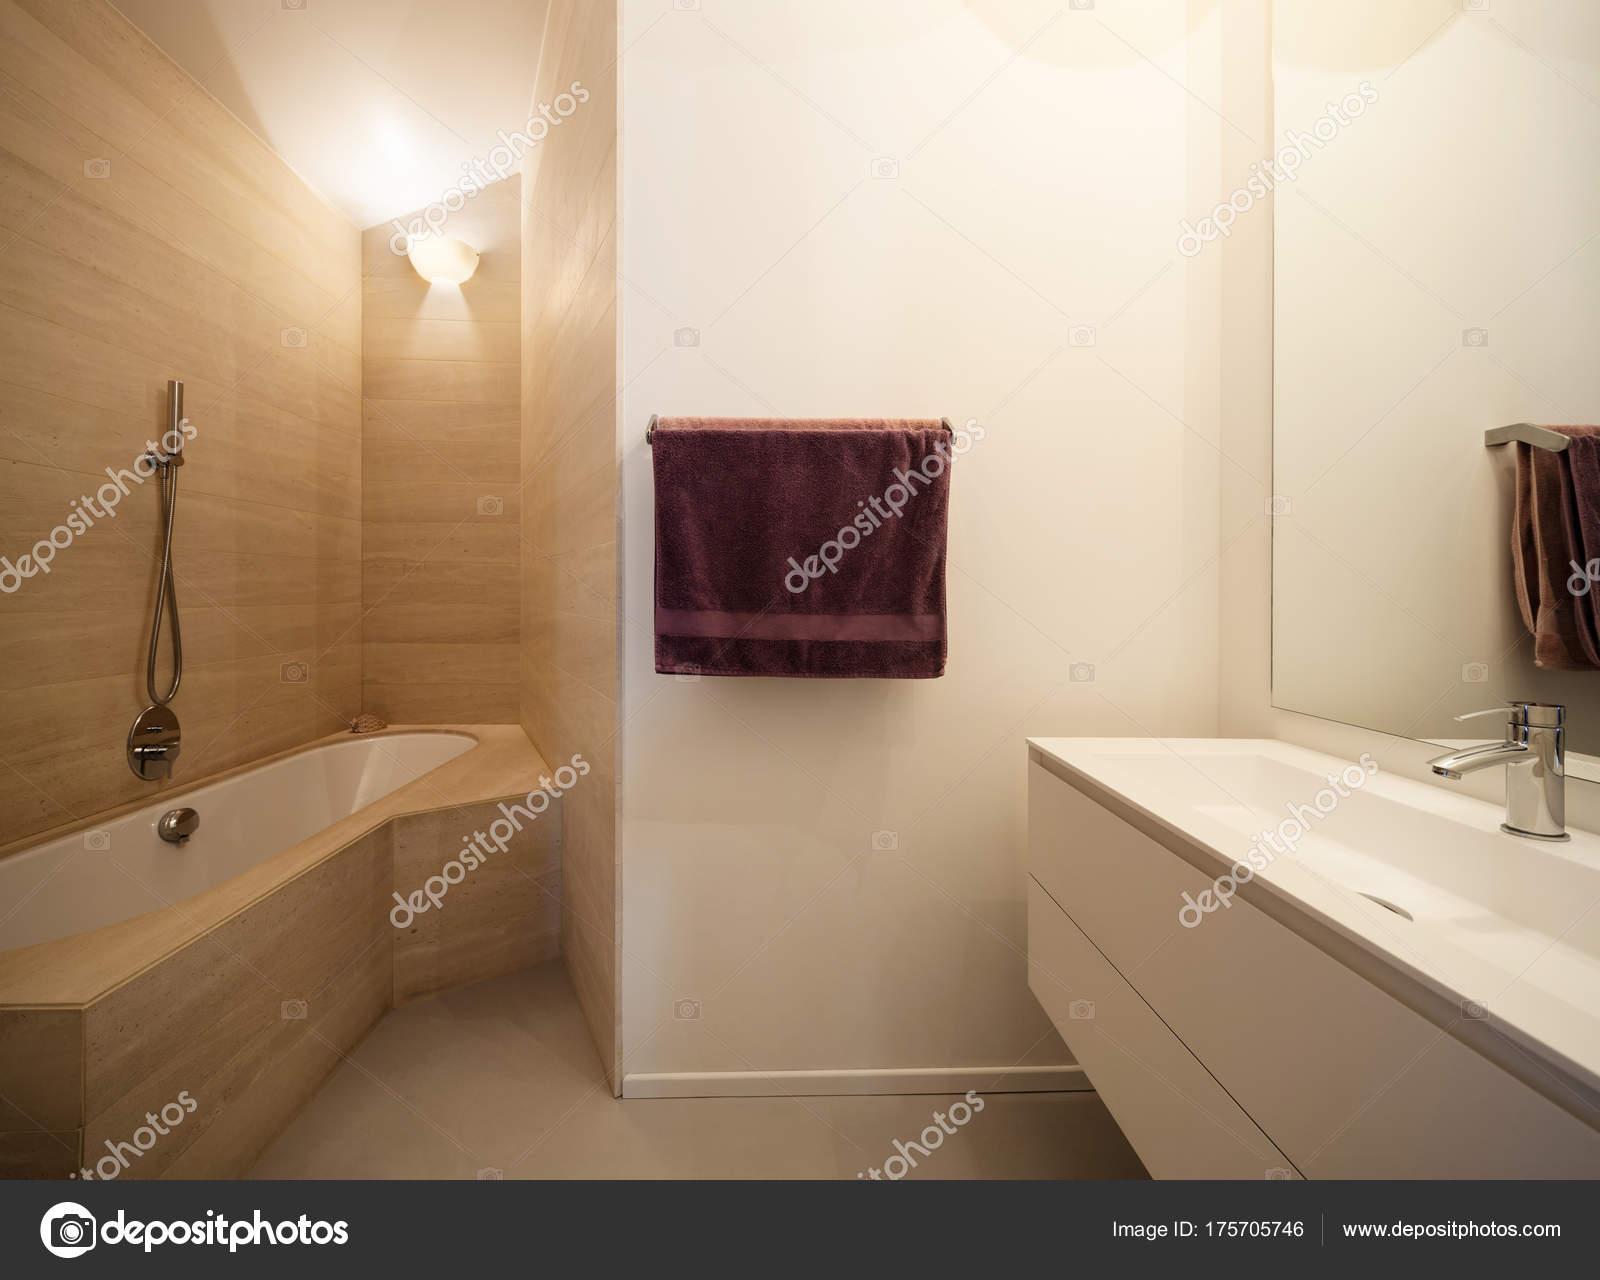 Vasca da bagno con piastrelle in marmo sulle pareti u2014 foto stock